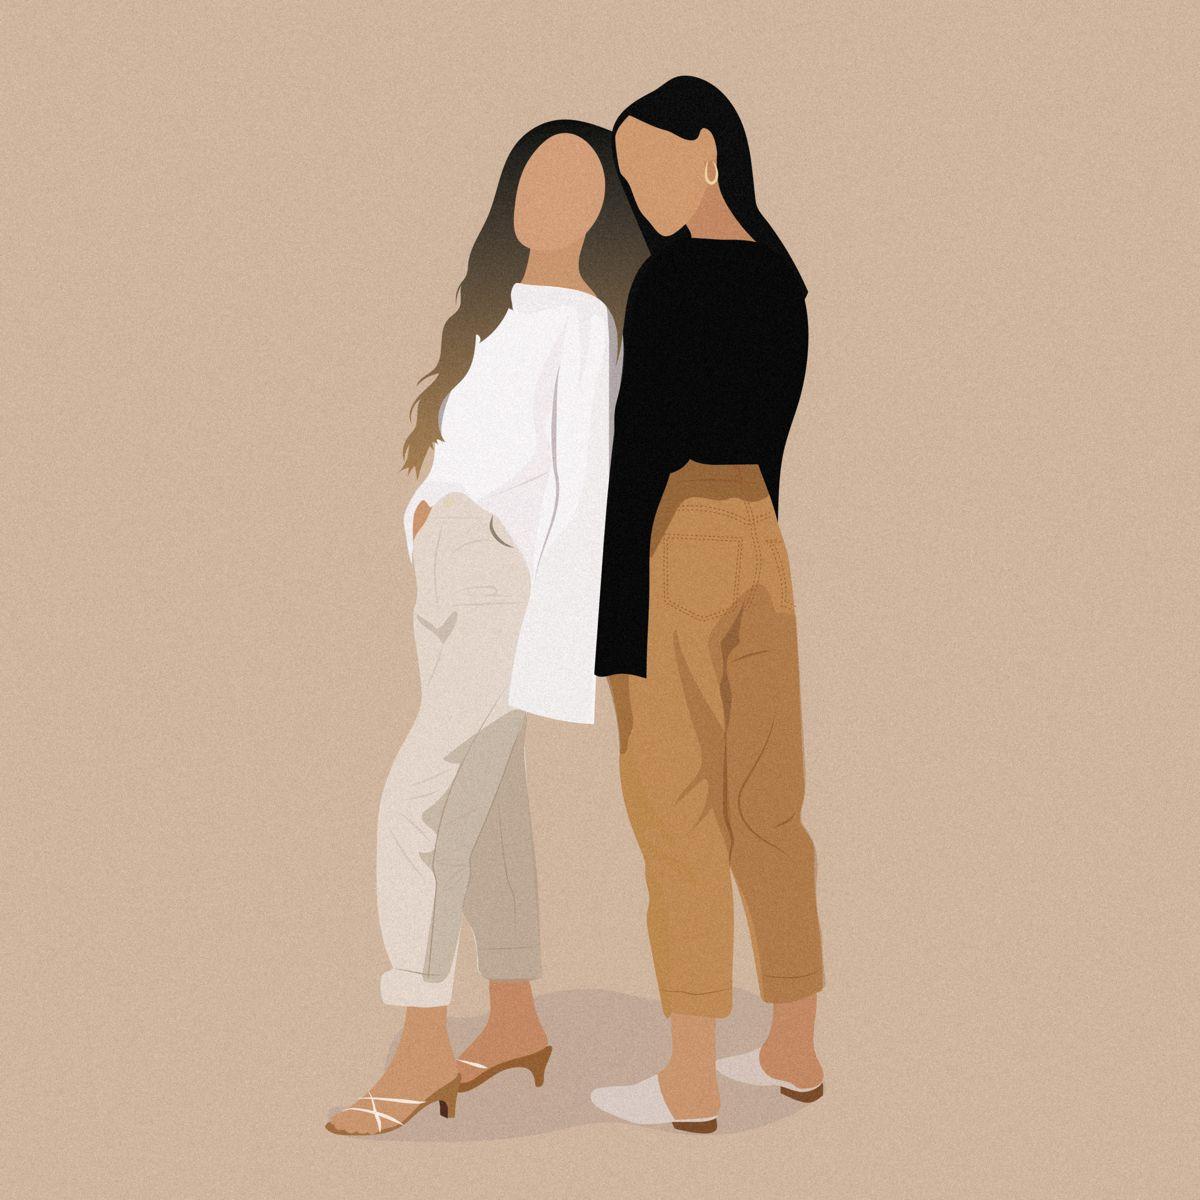 Custom illustration art